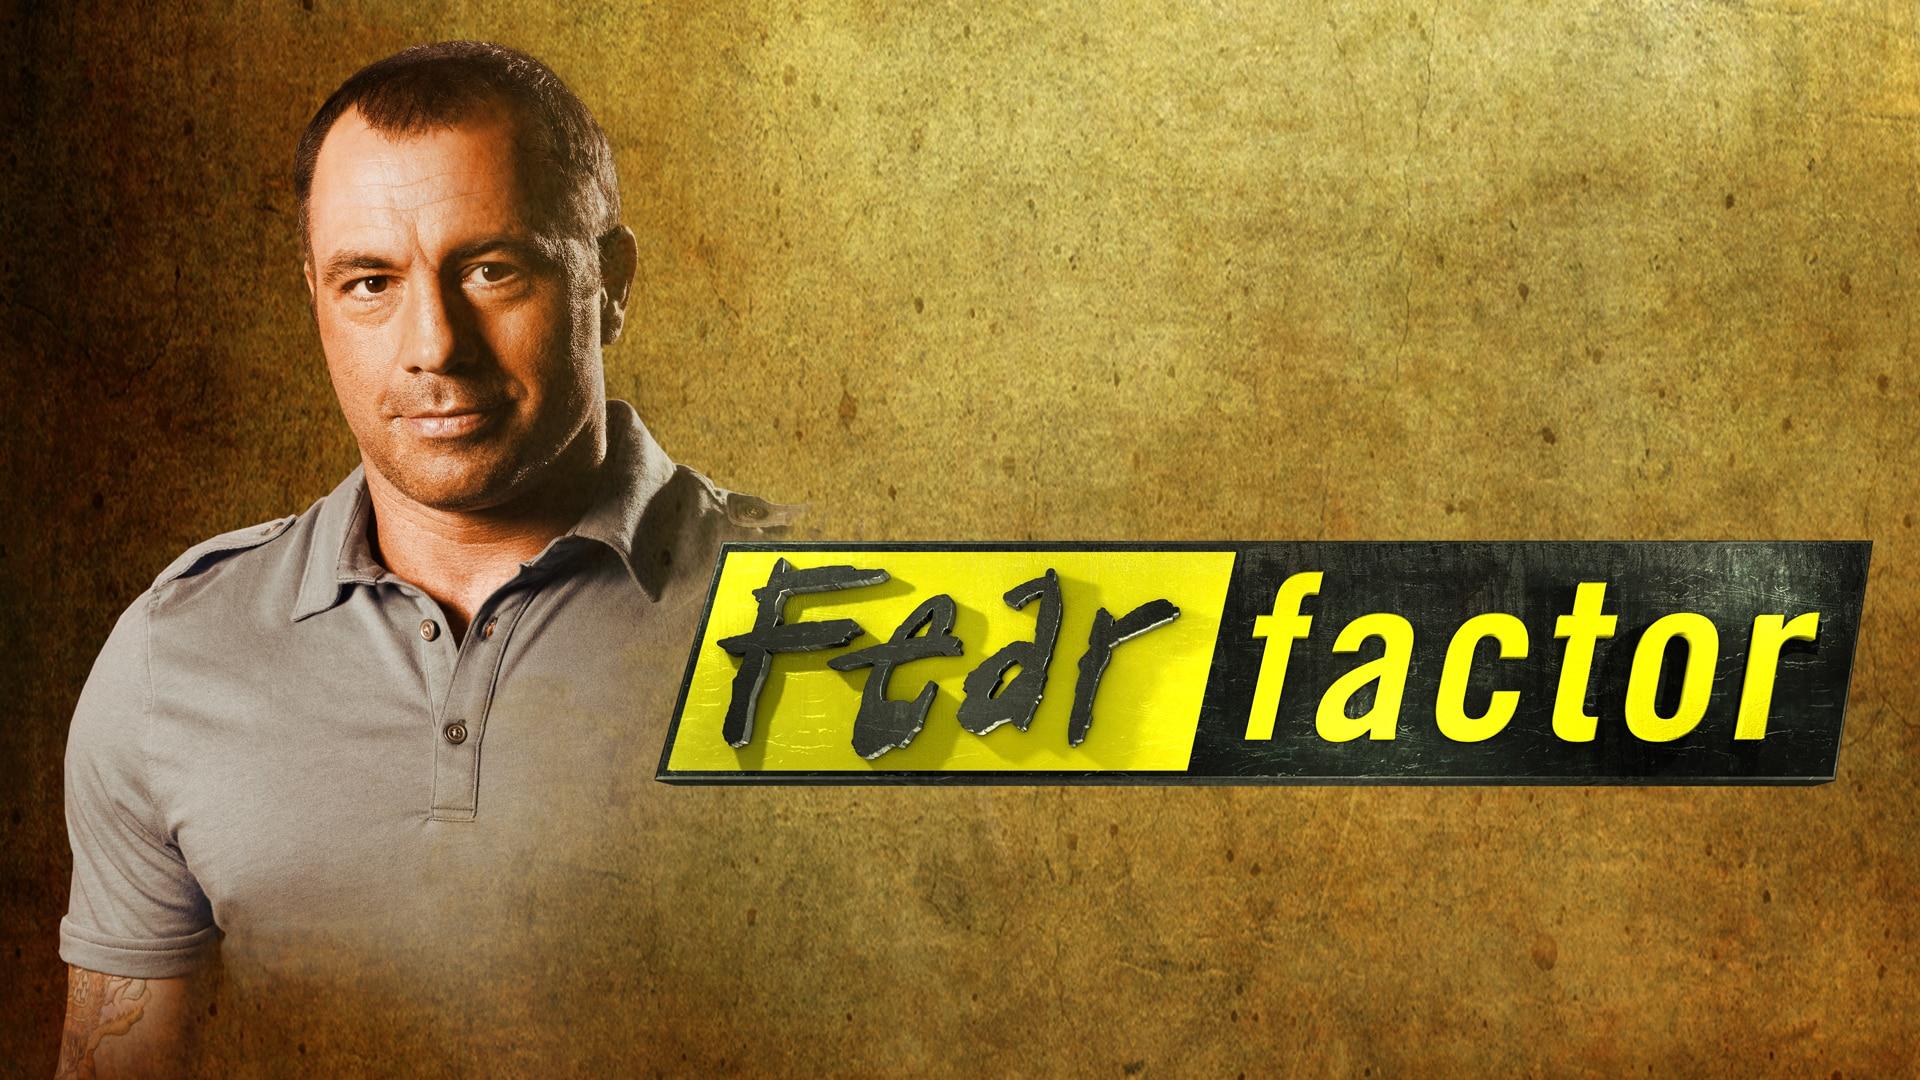 fear factor nbc com